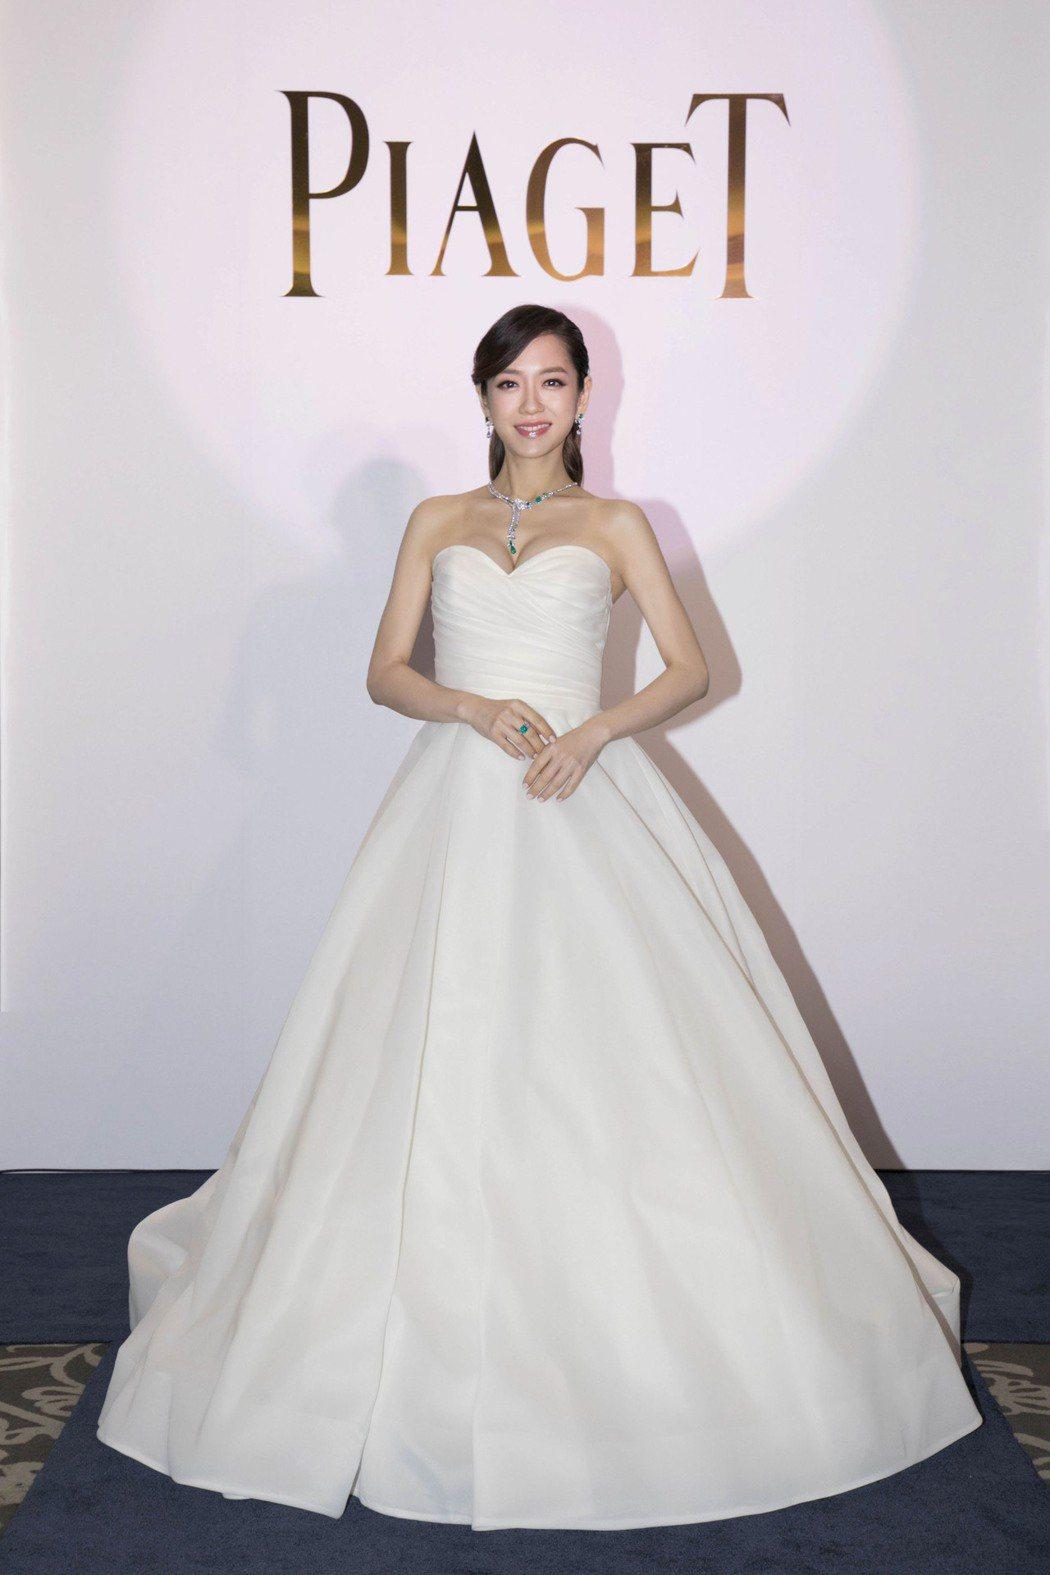 楊千霈出席伯爵紅毯珠寶璀璨盛展,以白紗蓬裙巧妙遮肚且烘托整身近三千萬的頂級珠寶。...